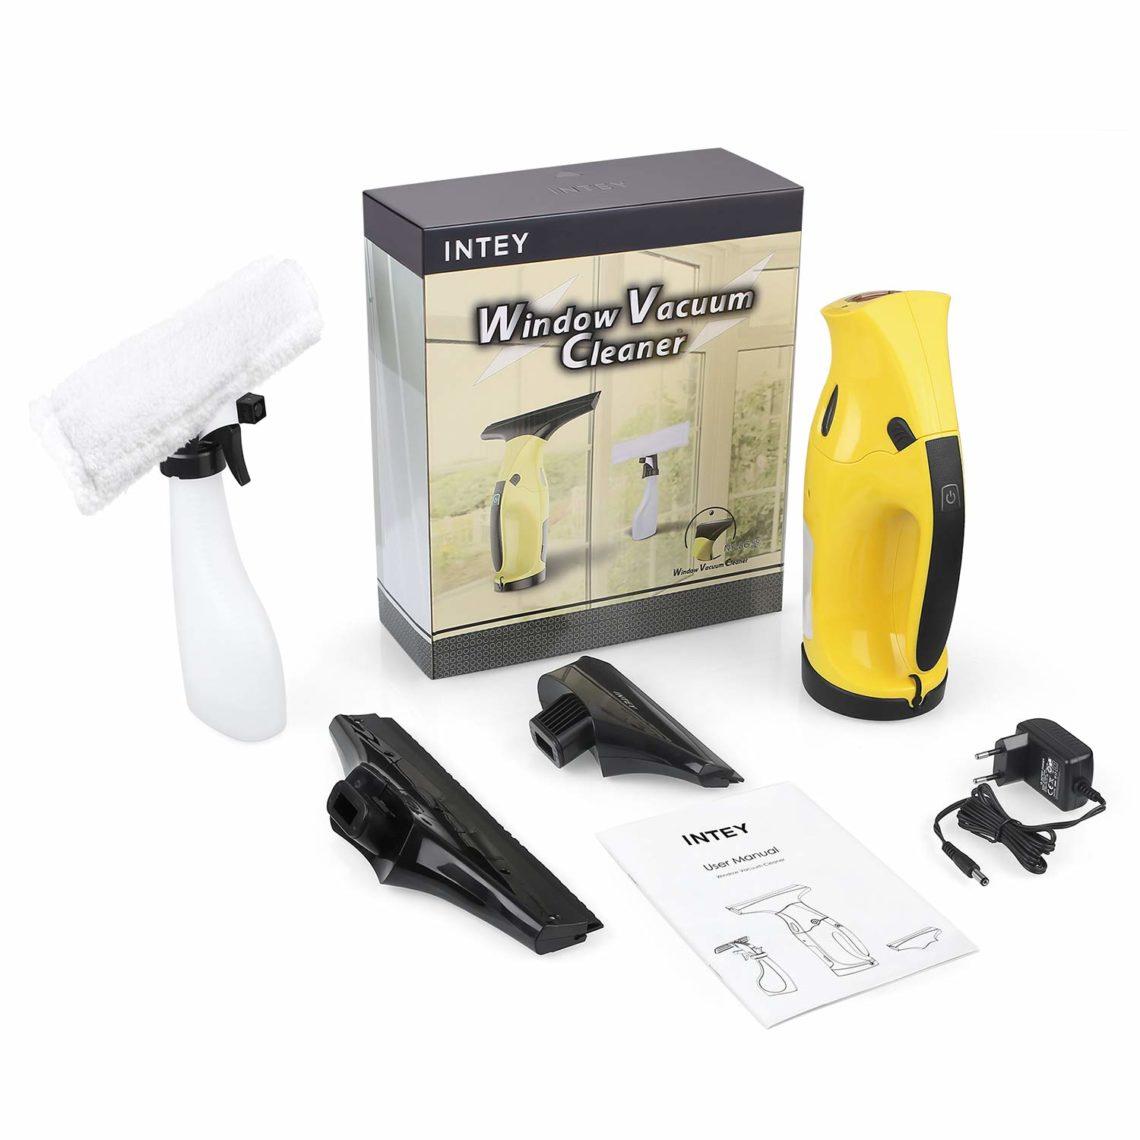 INTEY Nettoyeur de Vitre Electrique Aspirateur-6 kit de nettoyage complet